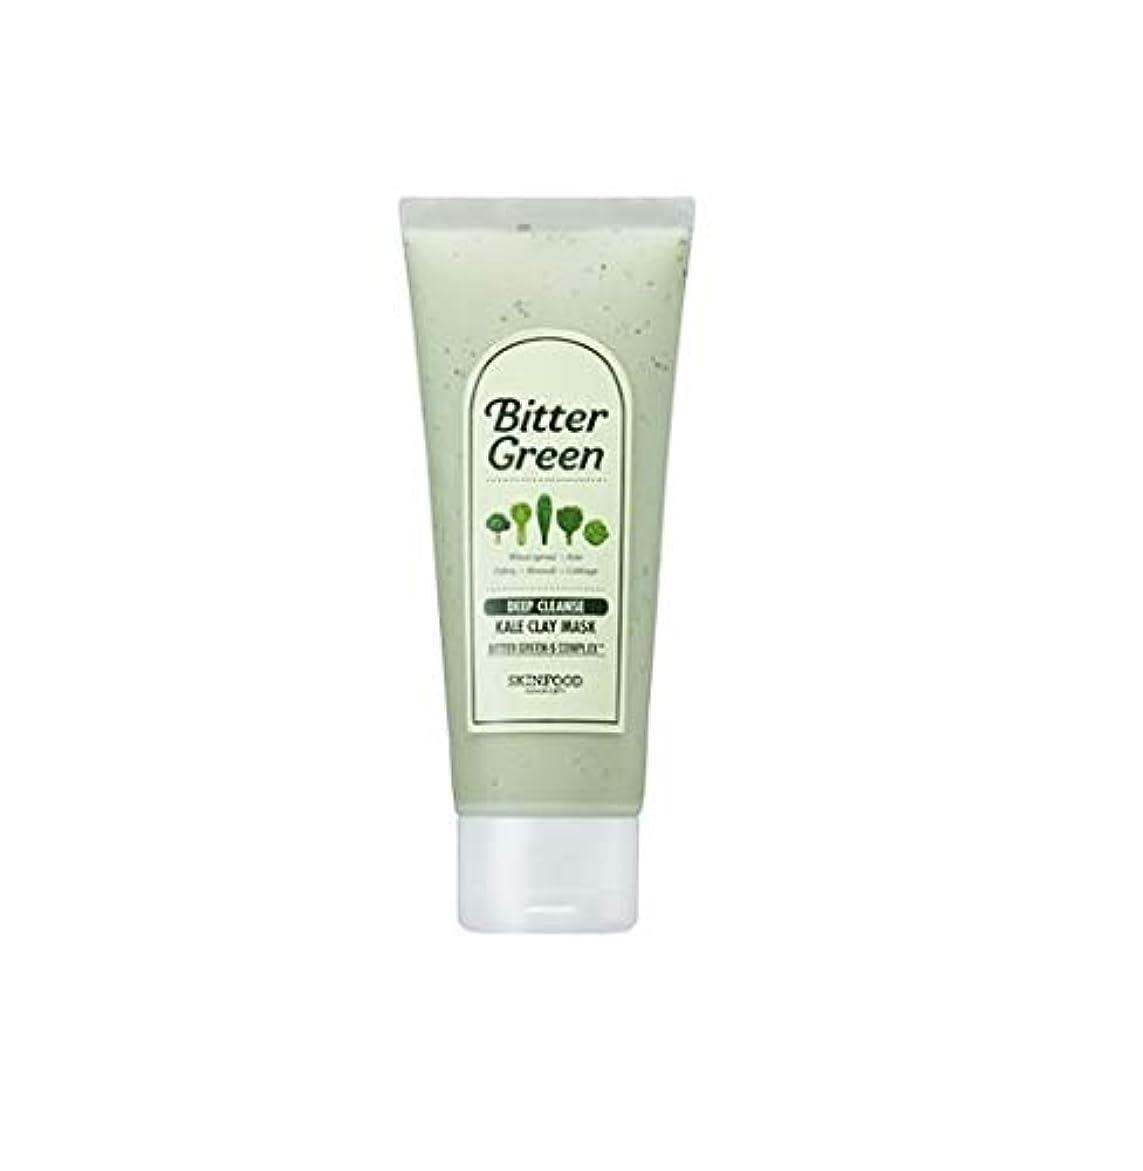 テープワット小間Skinfood ビターグリーンケールクレイマスク/bitter green kale clay mask 150g [並行輸入品]